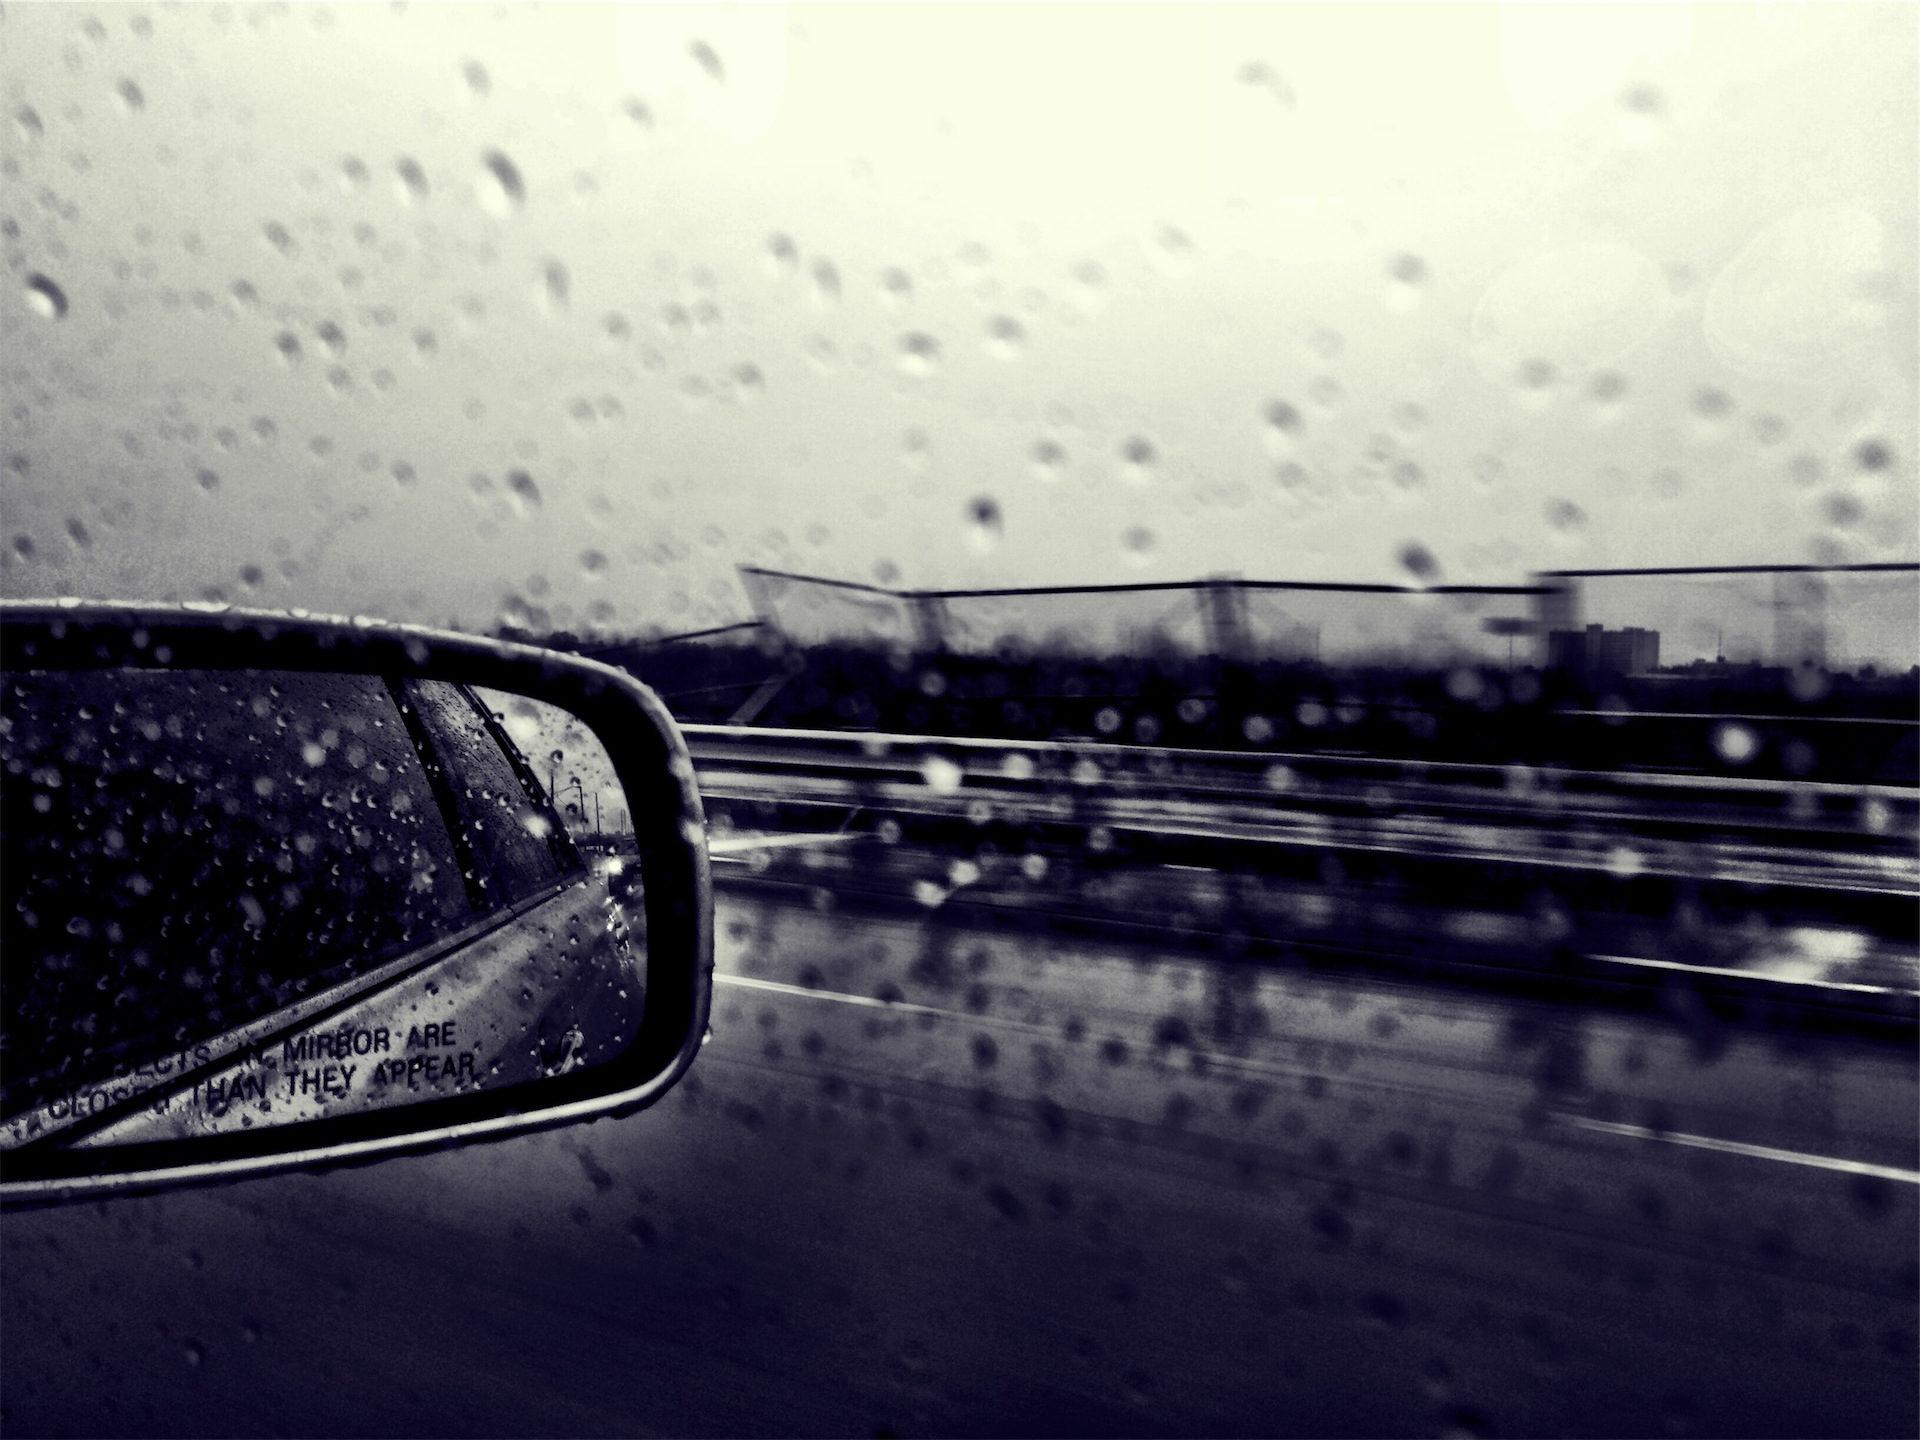 lluvia, viaje, gotas, reflejo, en blanco y negro - Fondos de Pantalla HD - professor-falken.com